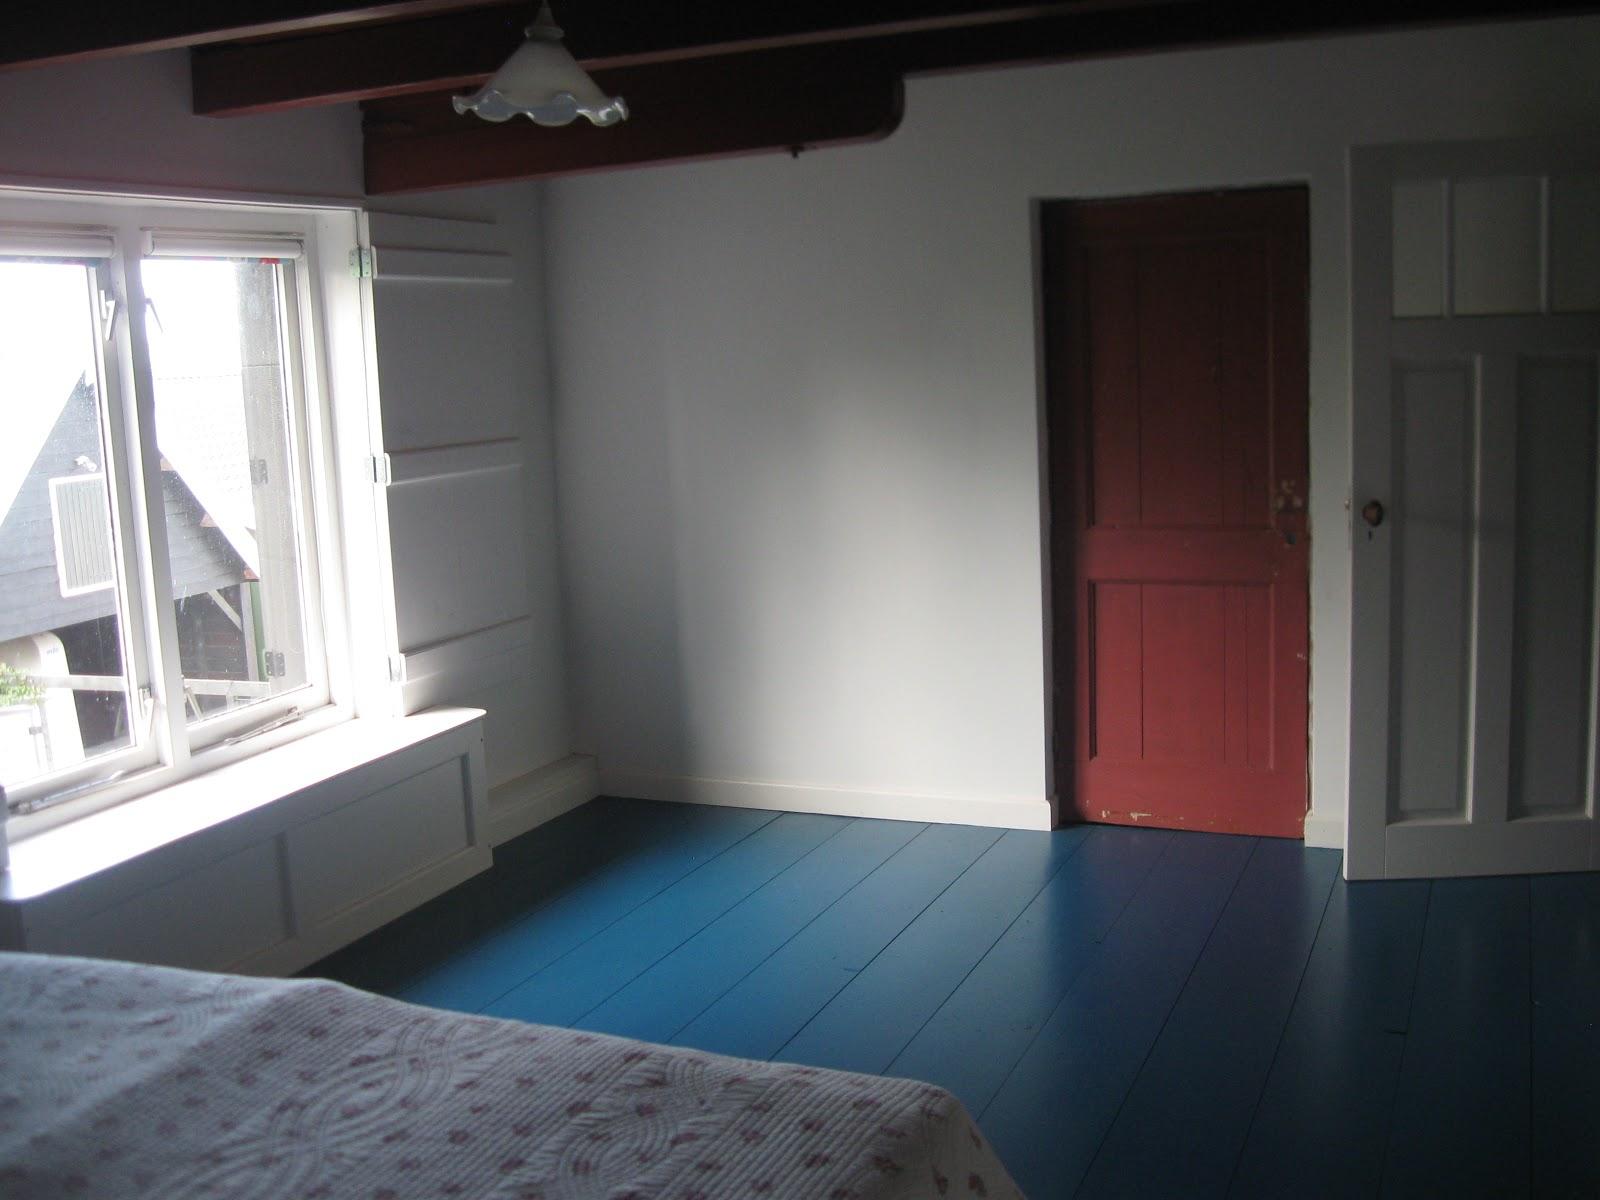 Eenvoud loont rondleiding door ons huis met uitleg in 4 stappen - Kleur in een kamer ...